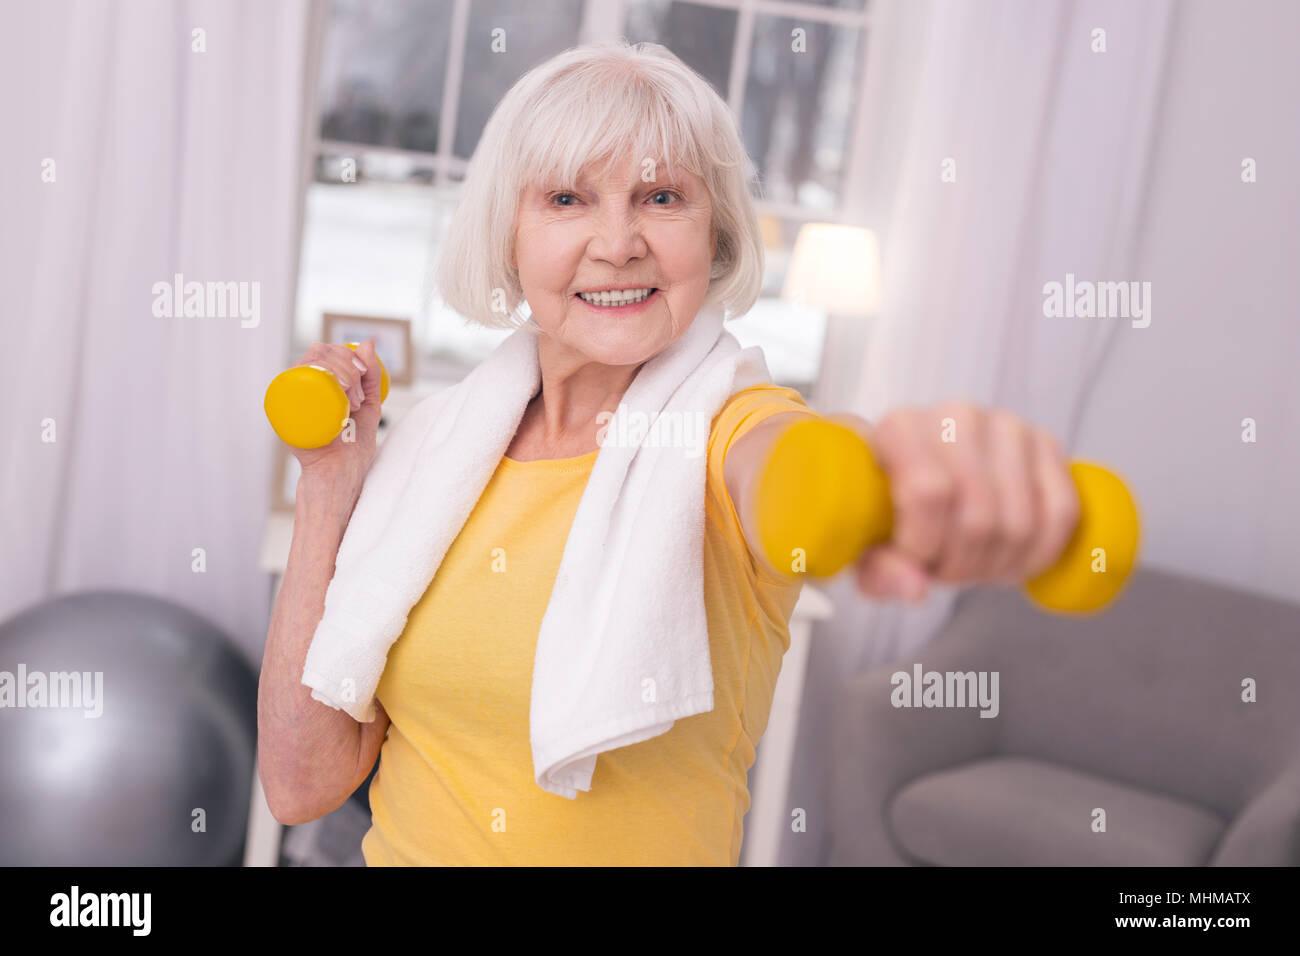 Vieille femme joyeuse l'entraînement avec haltères courtes Photo Stock